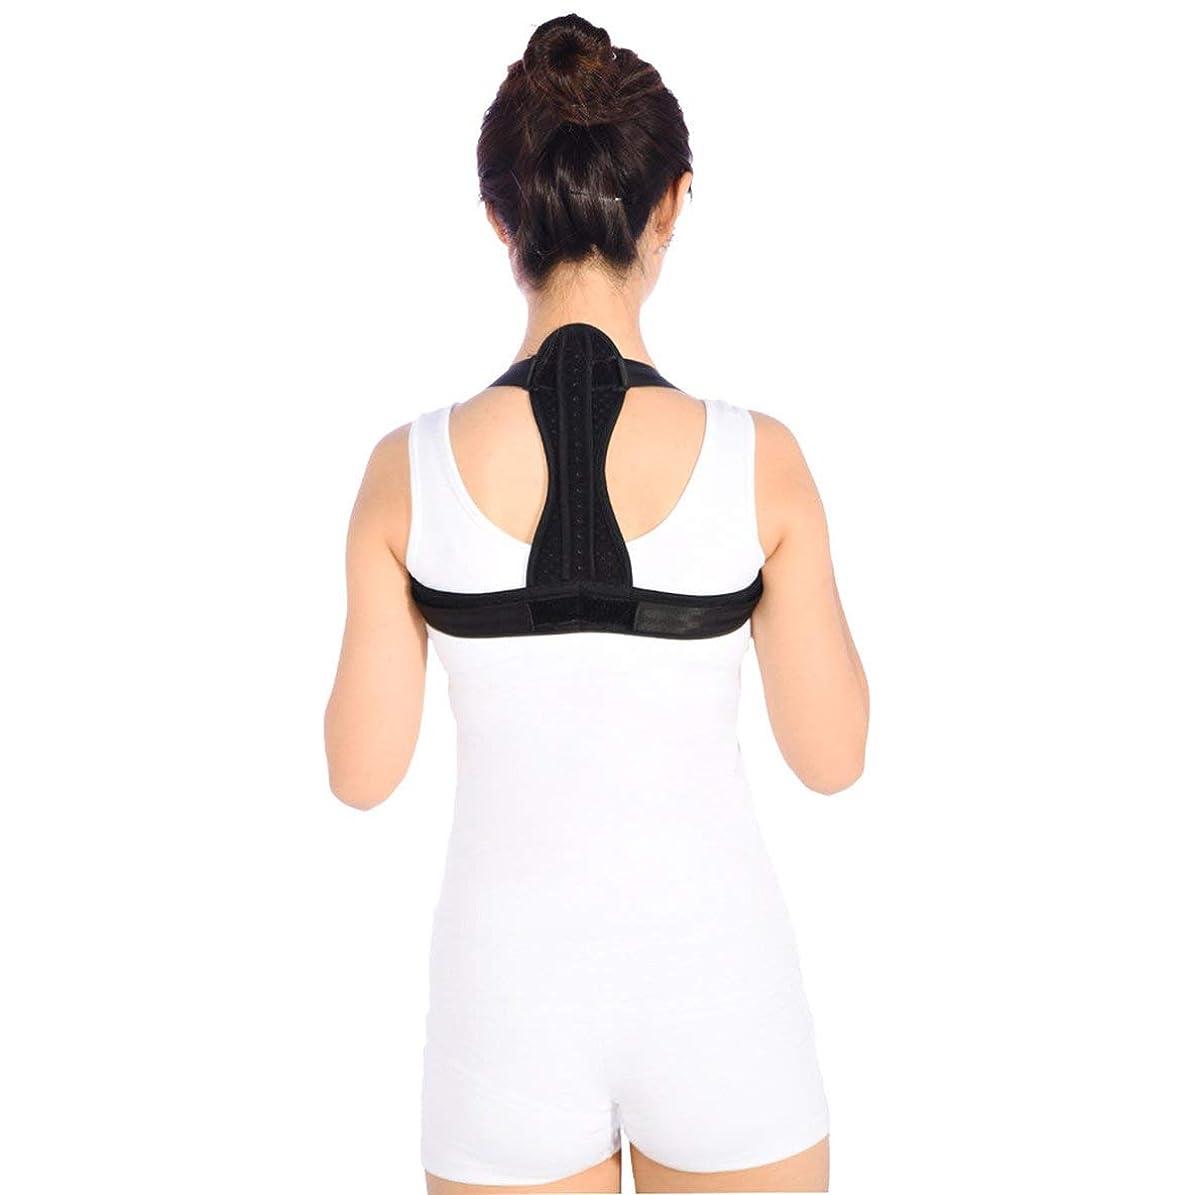 熱意消防士セラー通気性の脊柱側弯症ザトウクジラ補正ベルト調節可能な快適さ目に見えないベルト男性女性大人学生子供 - 黒